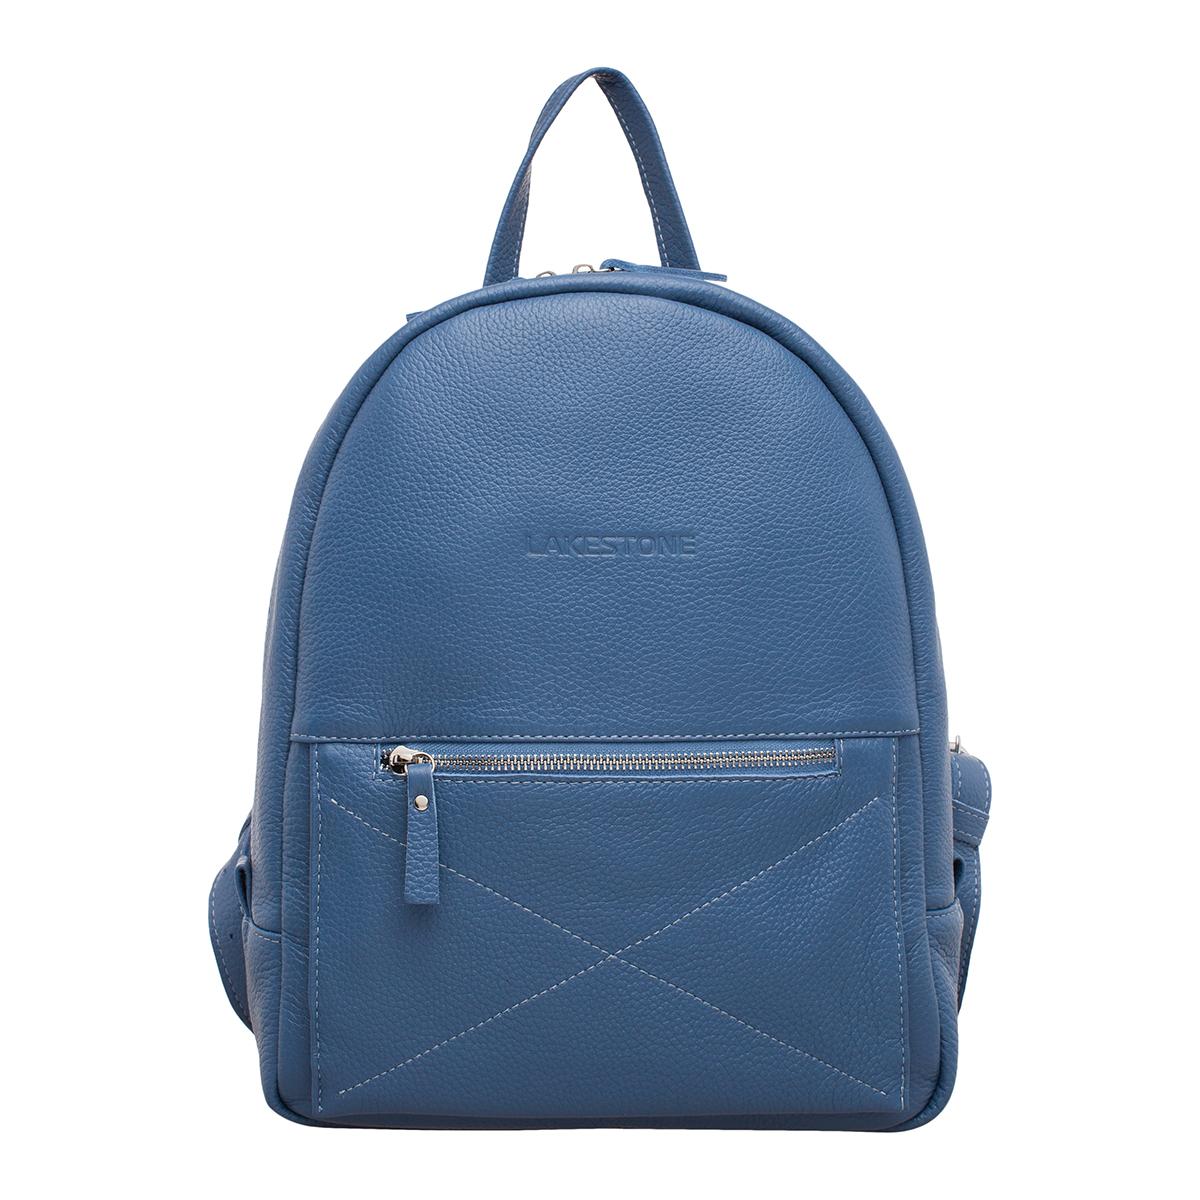 Женский рюкзак Darley Blue фото